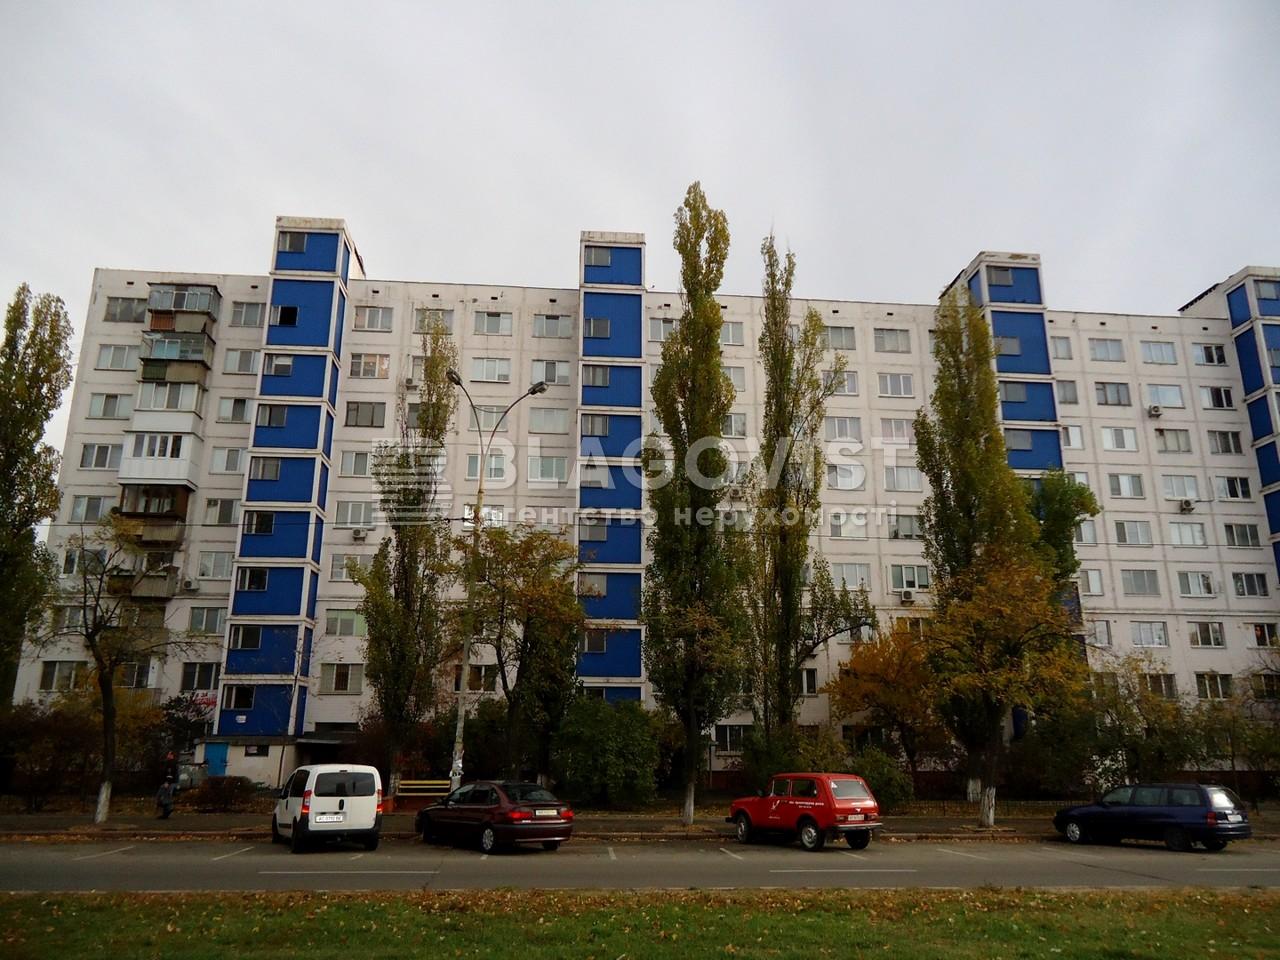 Квартира R-2074, Братиславская, 14, Киев - Фото 2